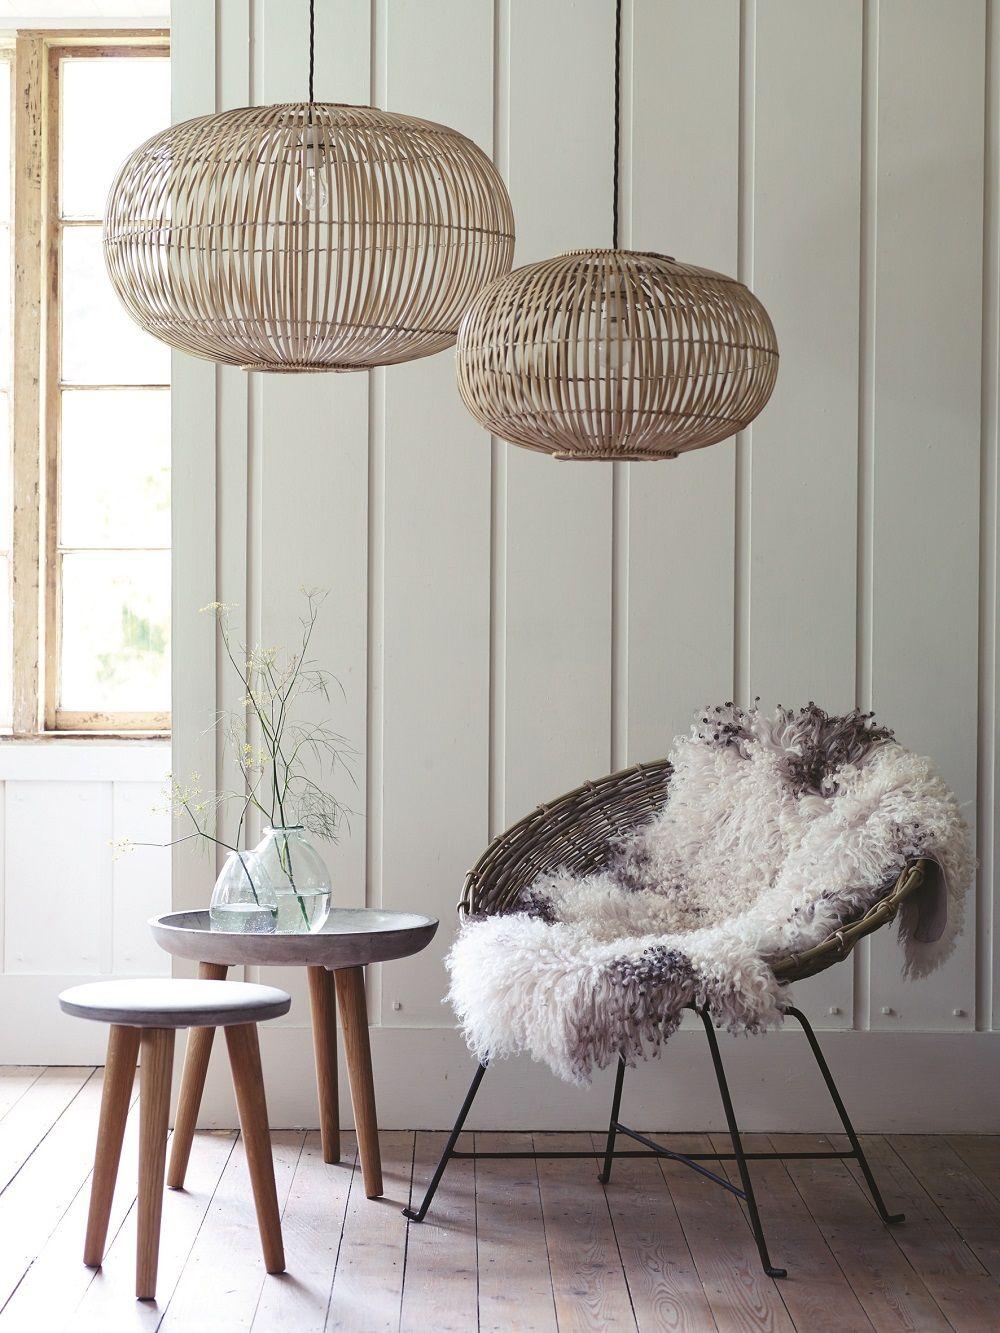 cox and cox interiors natural textures home decor. Black Bedroom Furniture Sets. Home Design Ideas